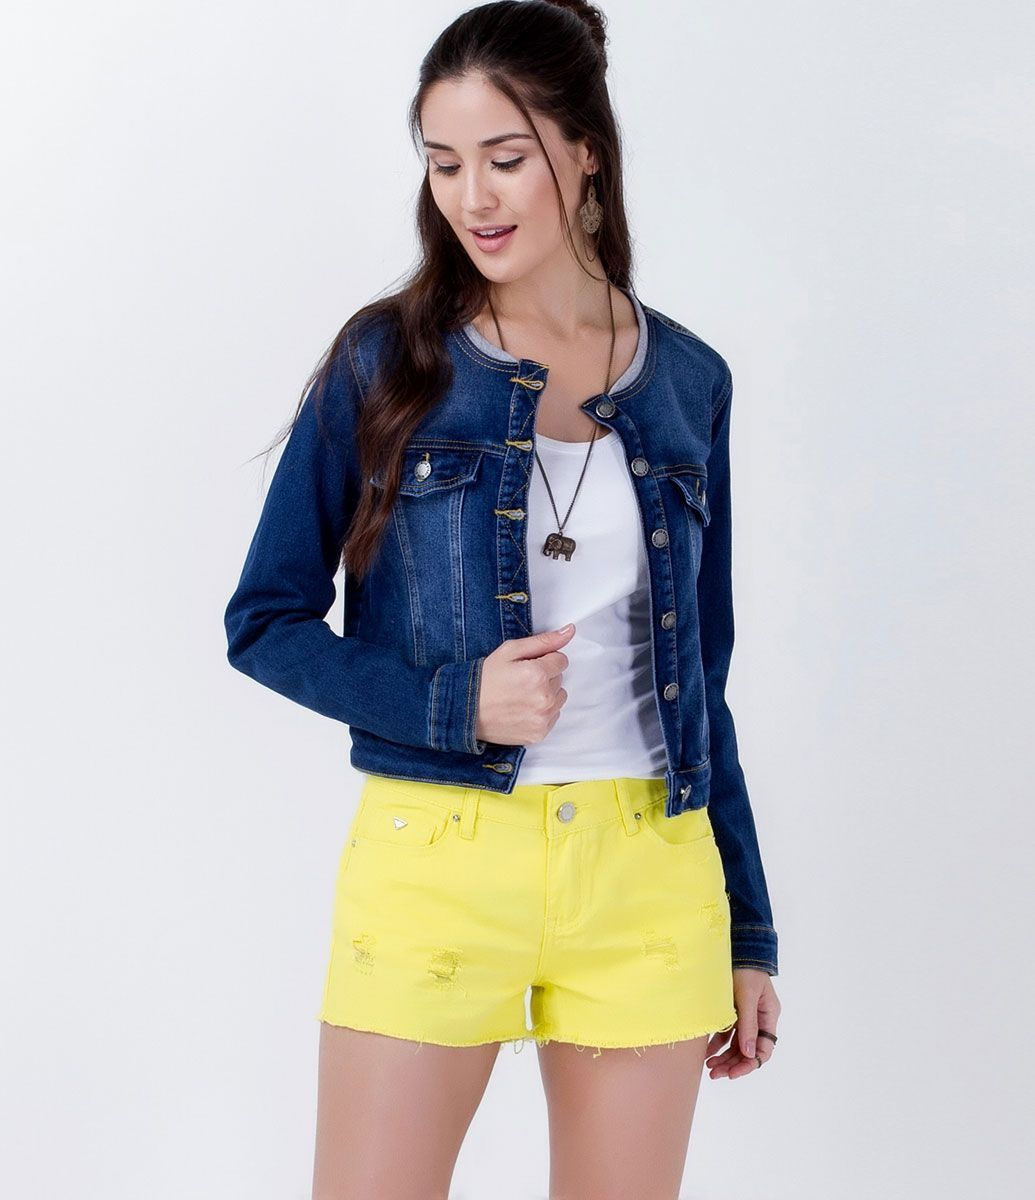 Jaqueta em Moletom com Efeito Jeans - Lojas Renner